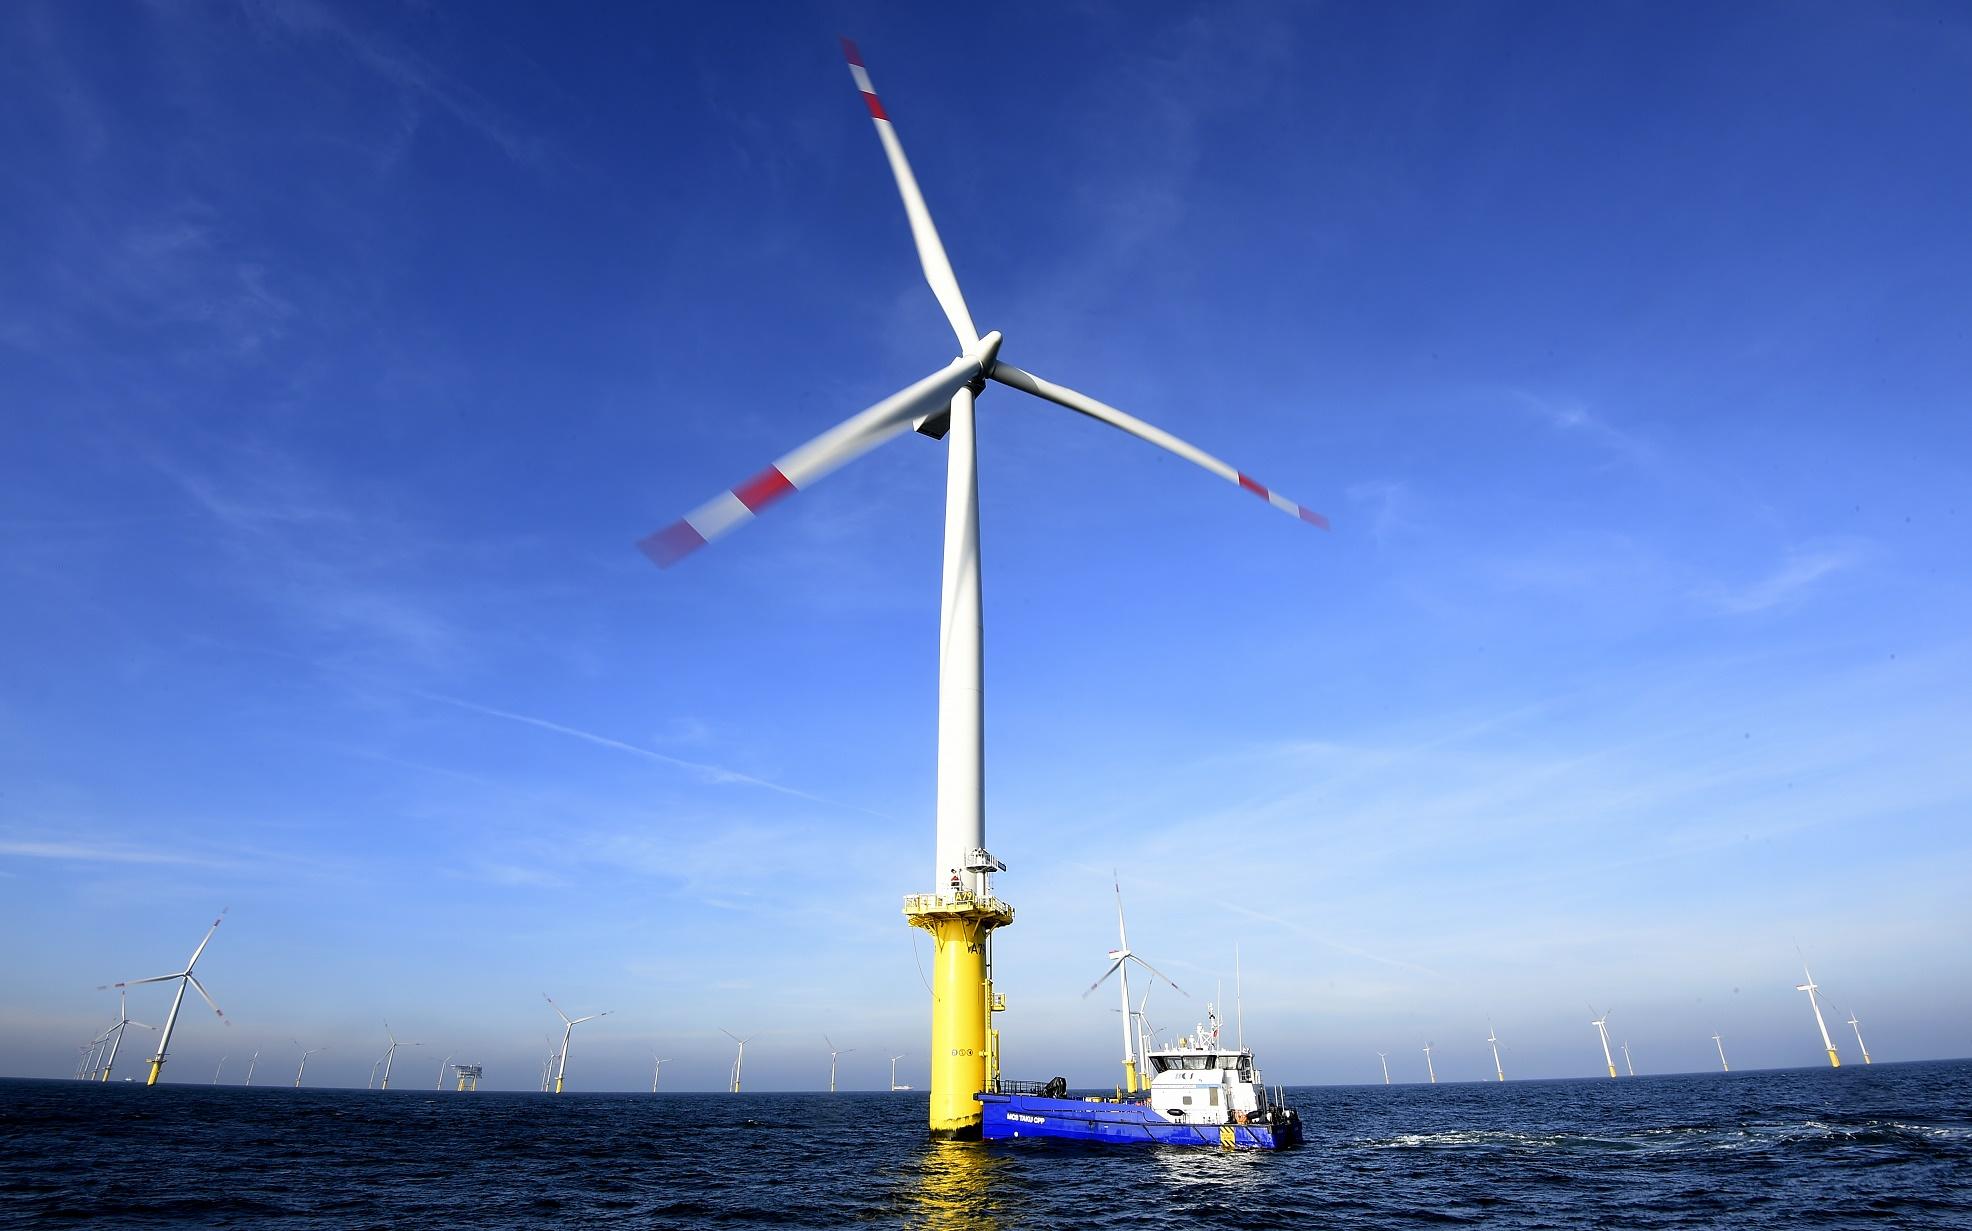 O crescimento das fontes renováveis de energia seria uma das razões da estabilização das emissões de carbono